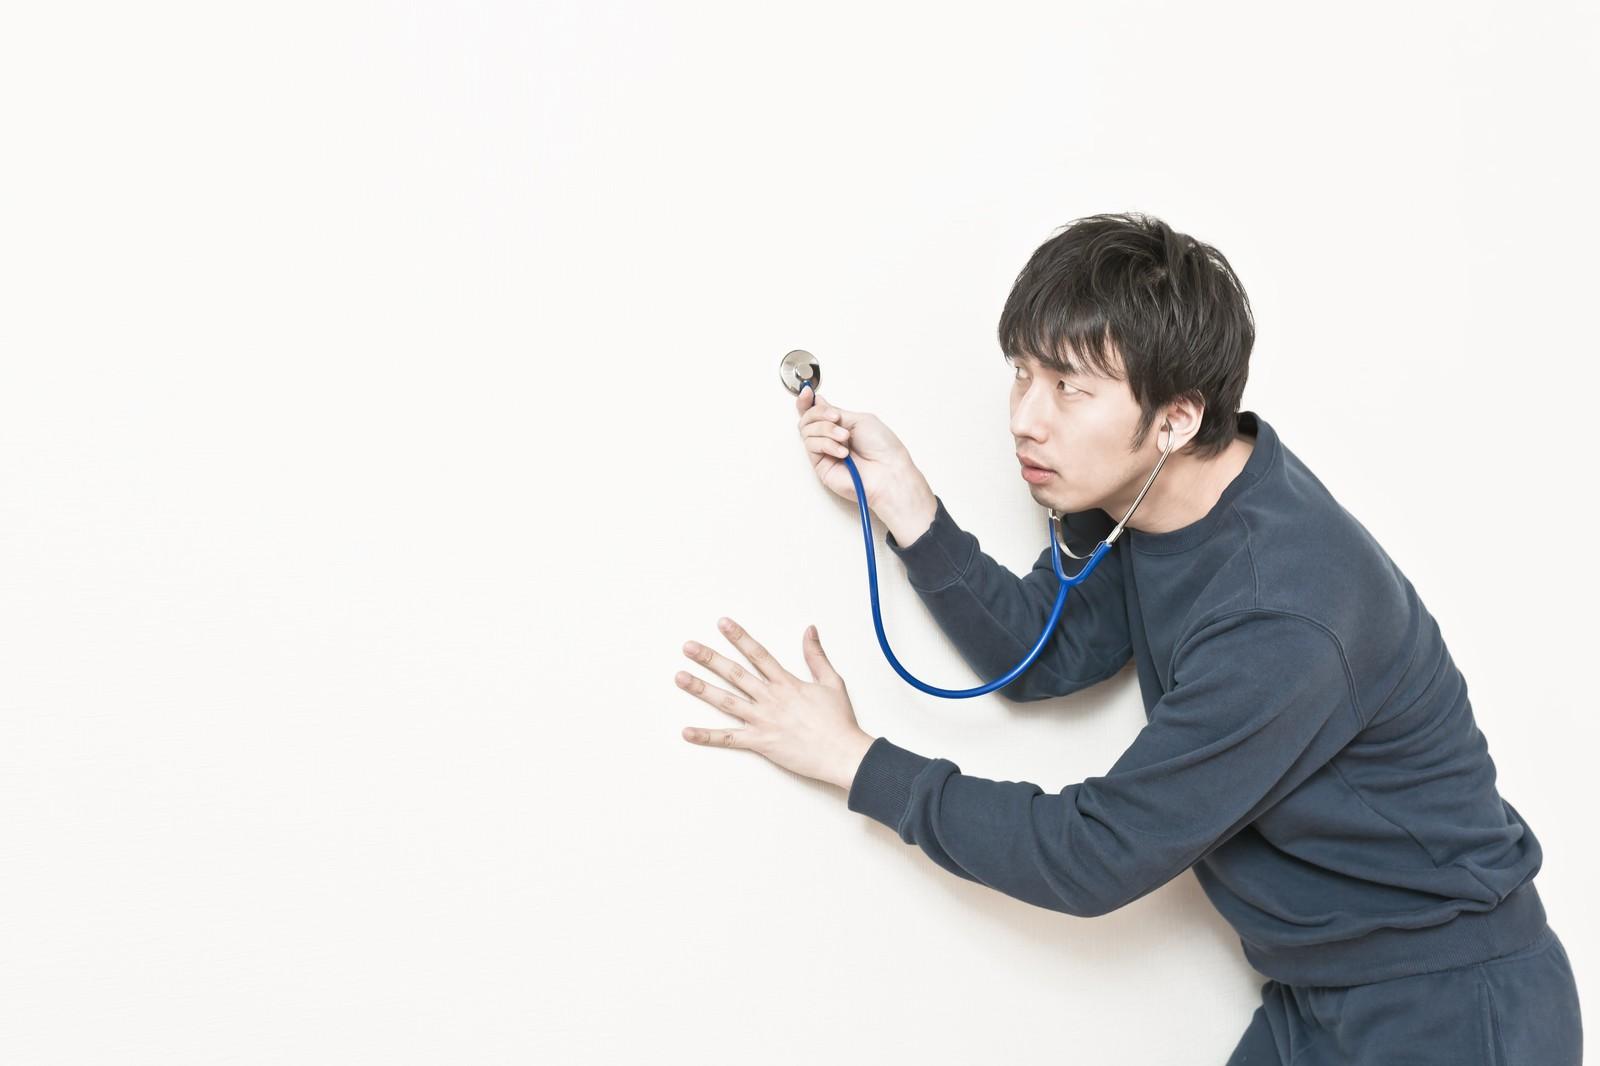 盗聴器発見調査なら探偵アンバサダー調査事務所岡山